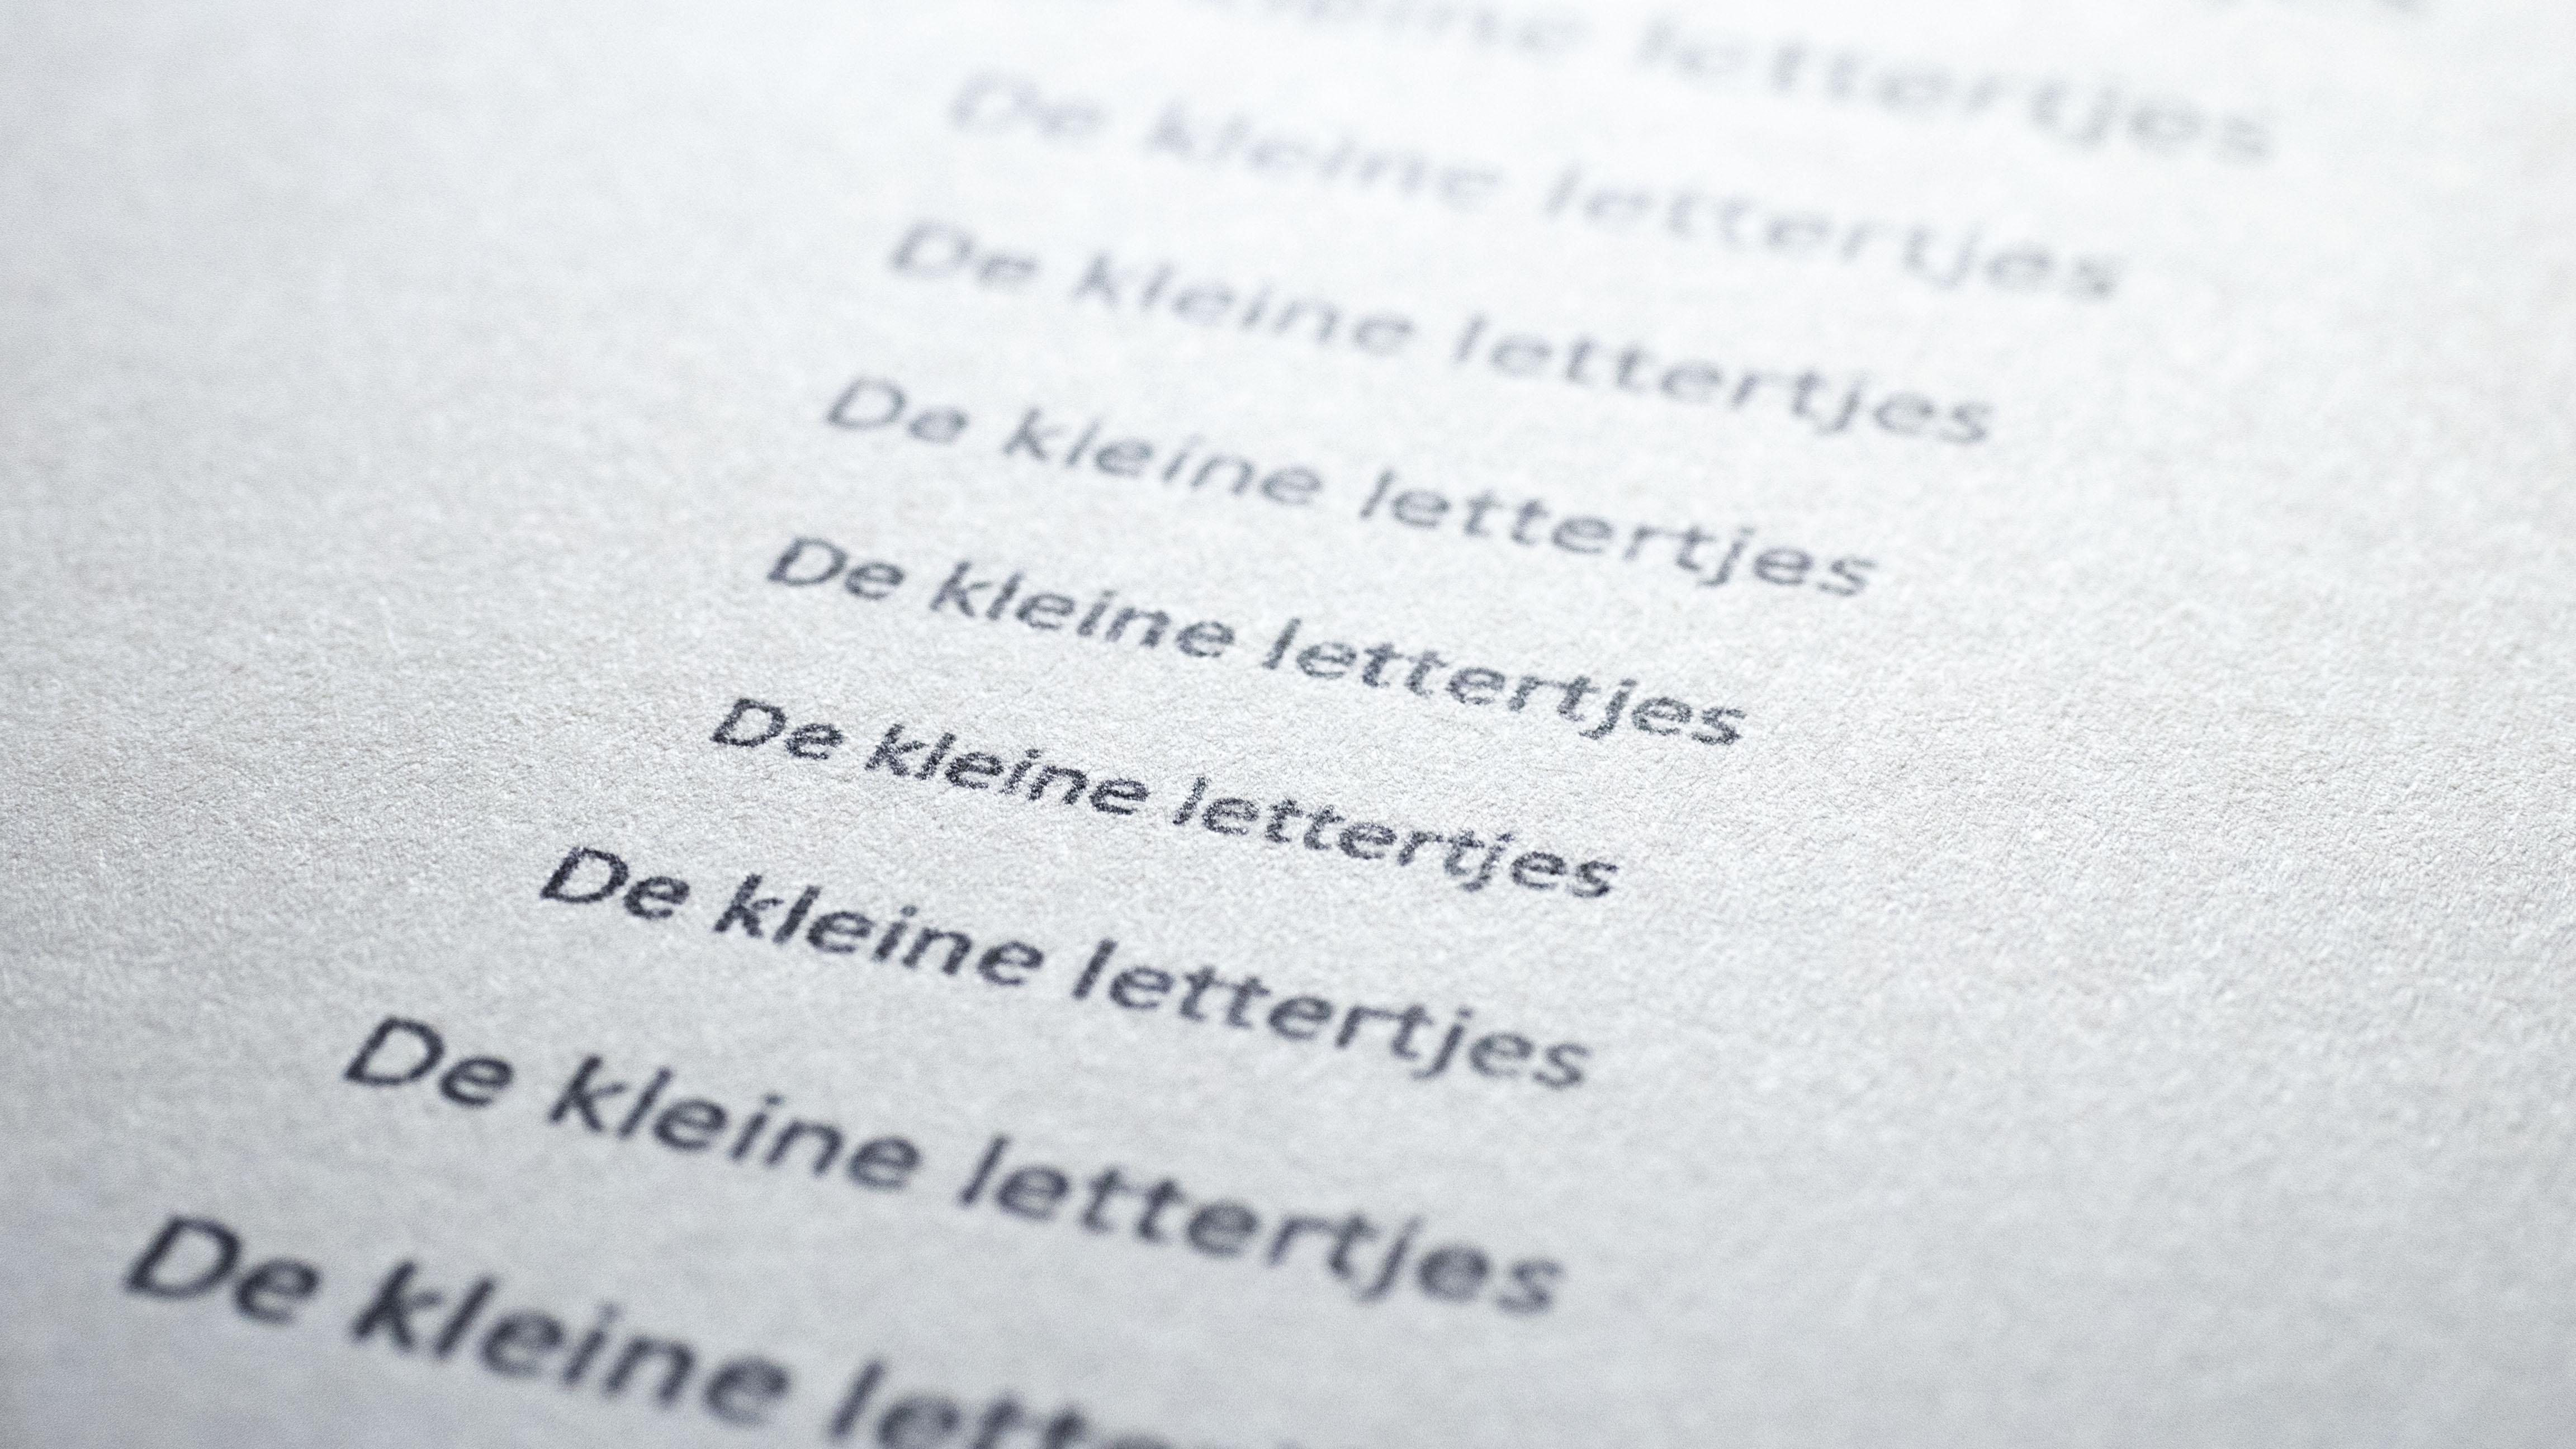 kleine lettertjes